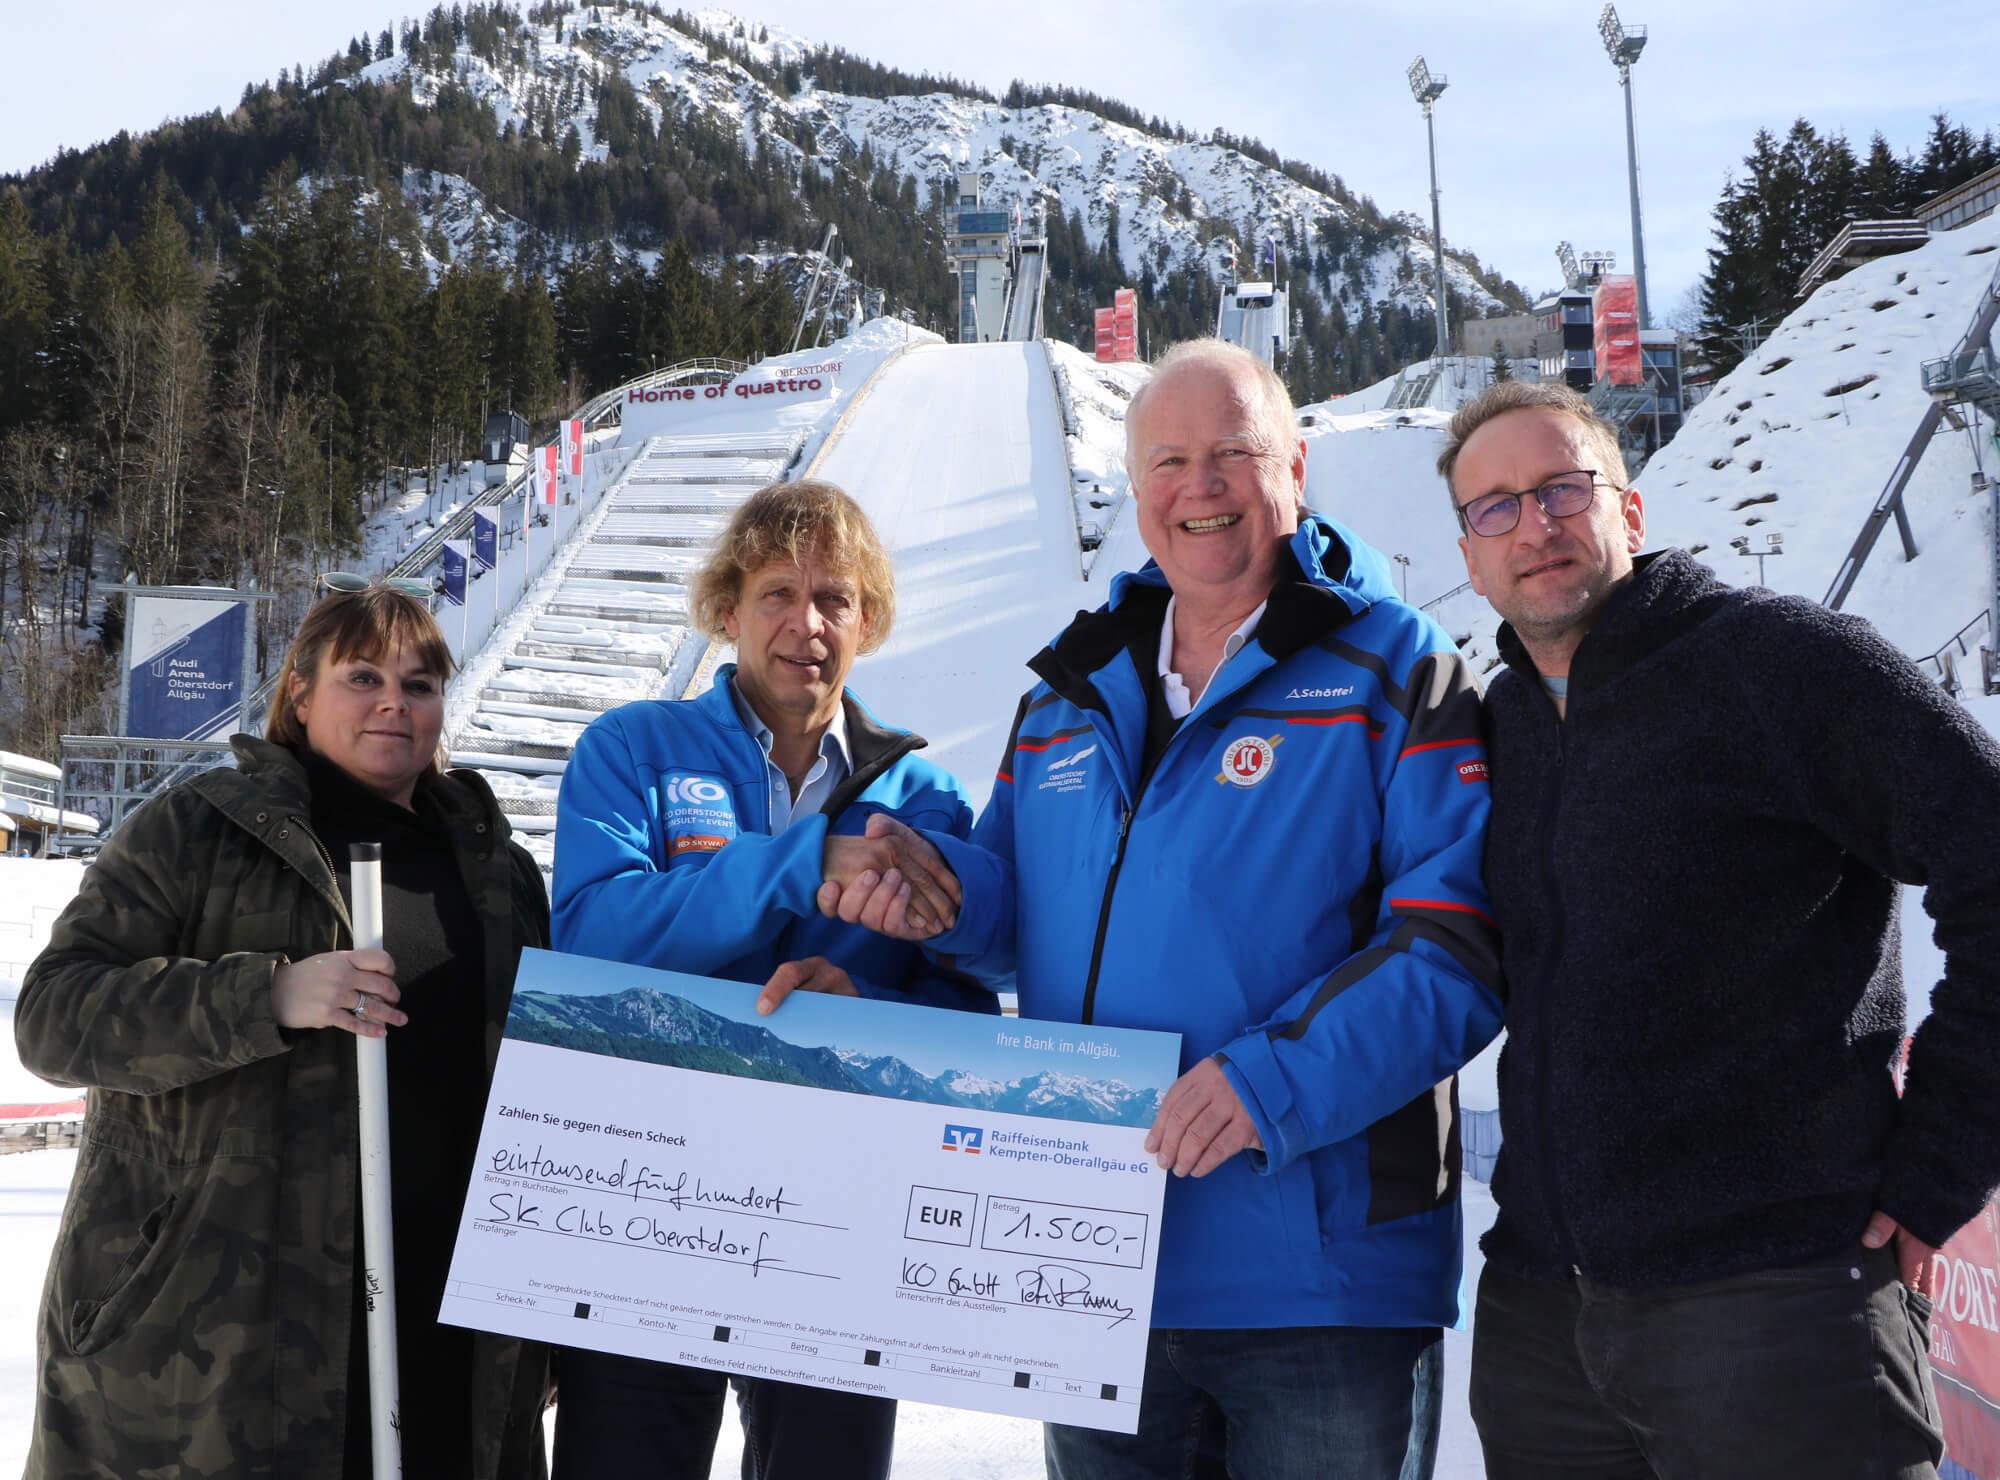 Team ICO Oberstdorf, Bihlerdorf